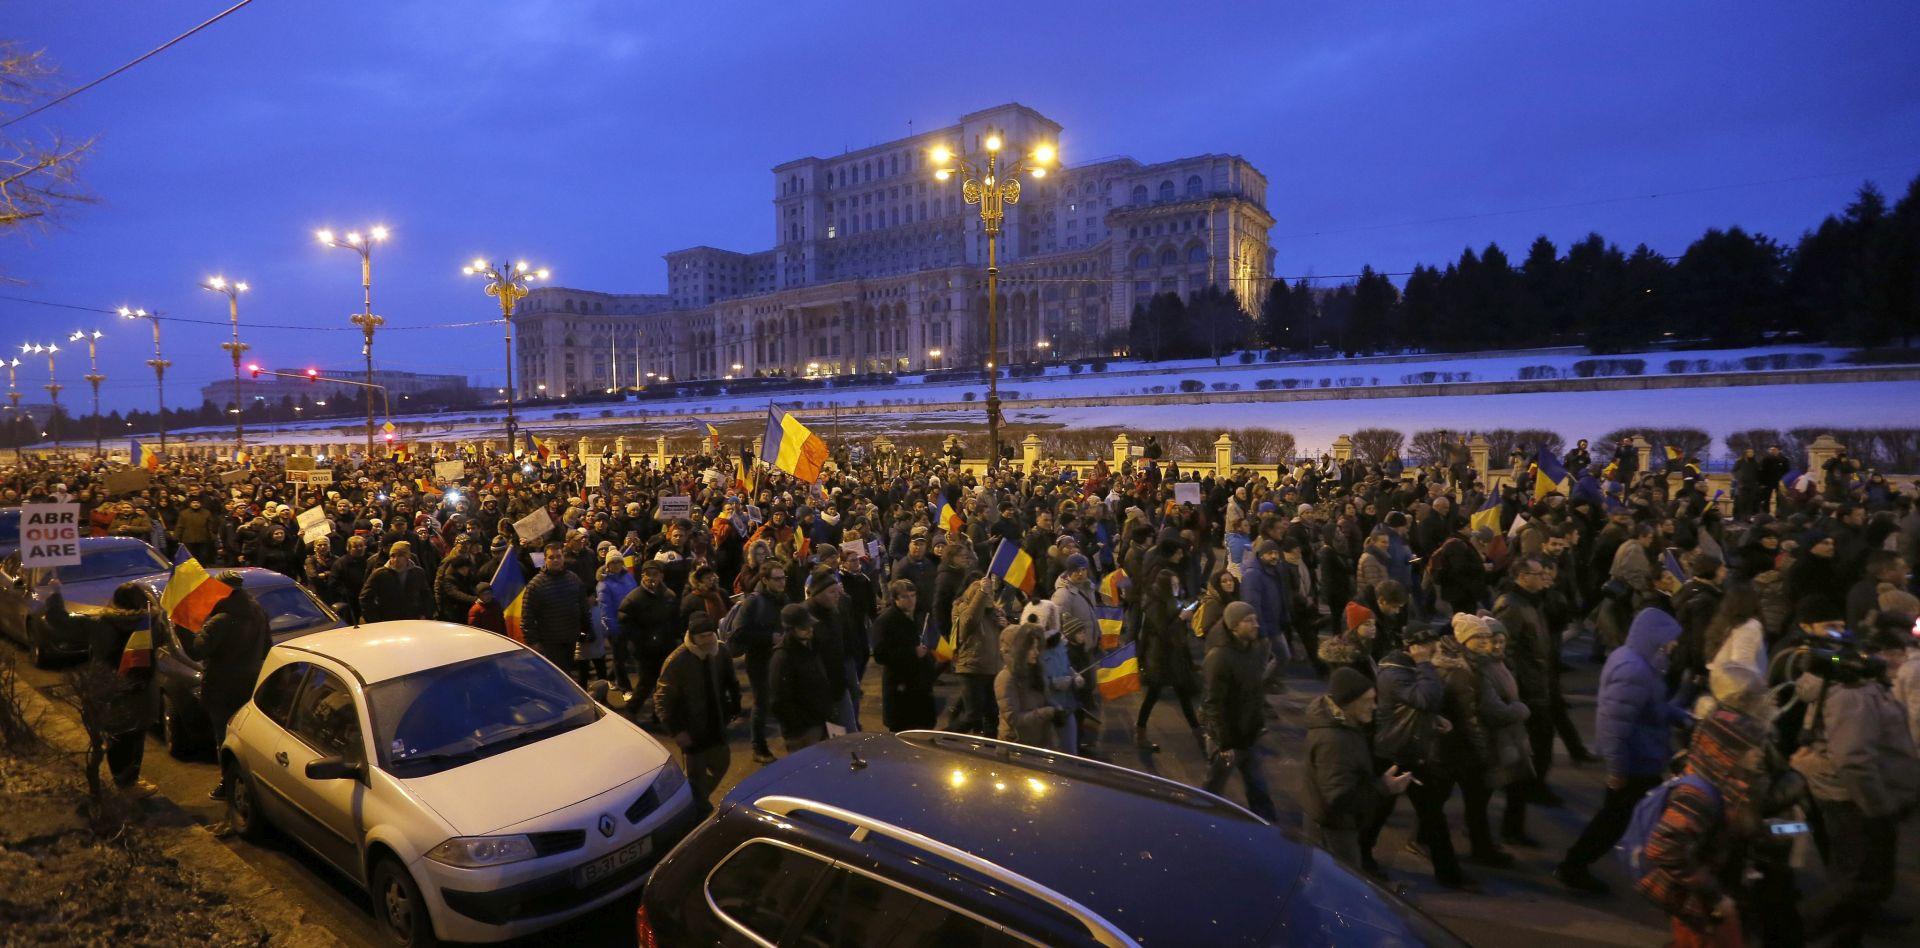 NAKON VELIKIH PROSVJEDA Rumunjska povlači kontroverznu uredbu o korupciji